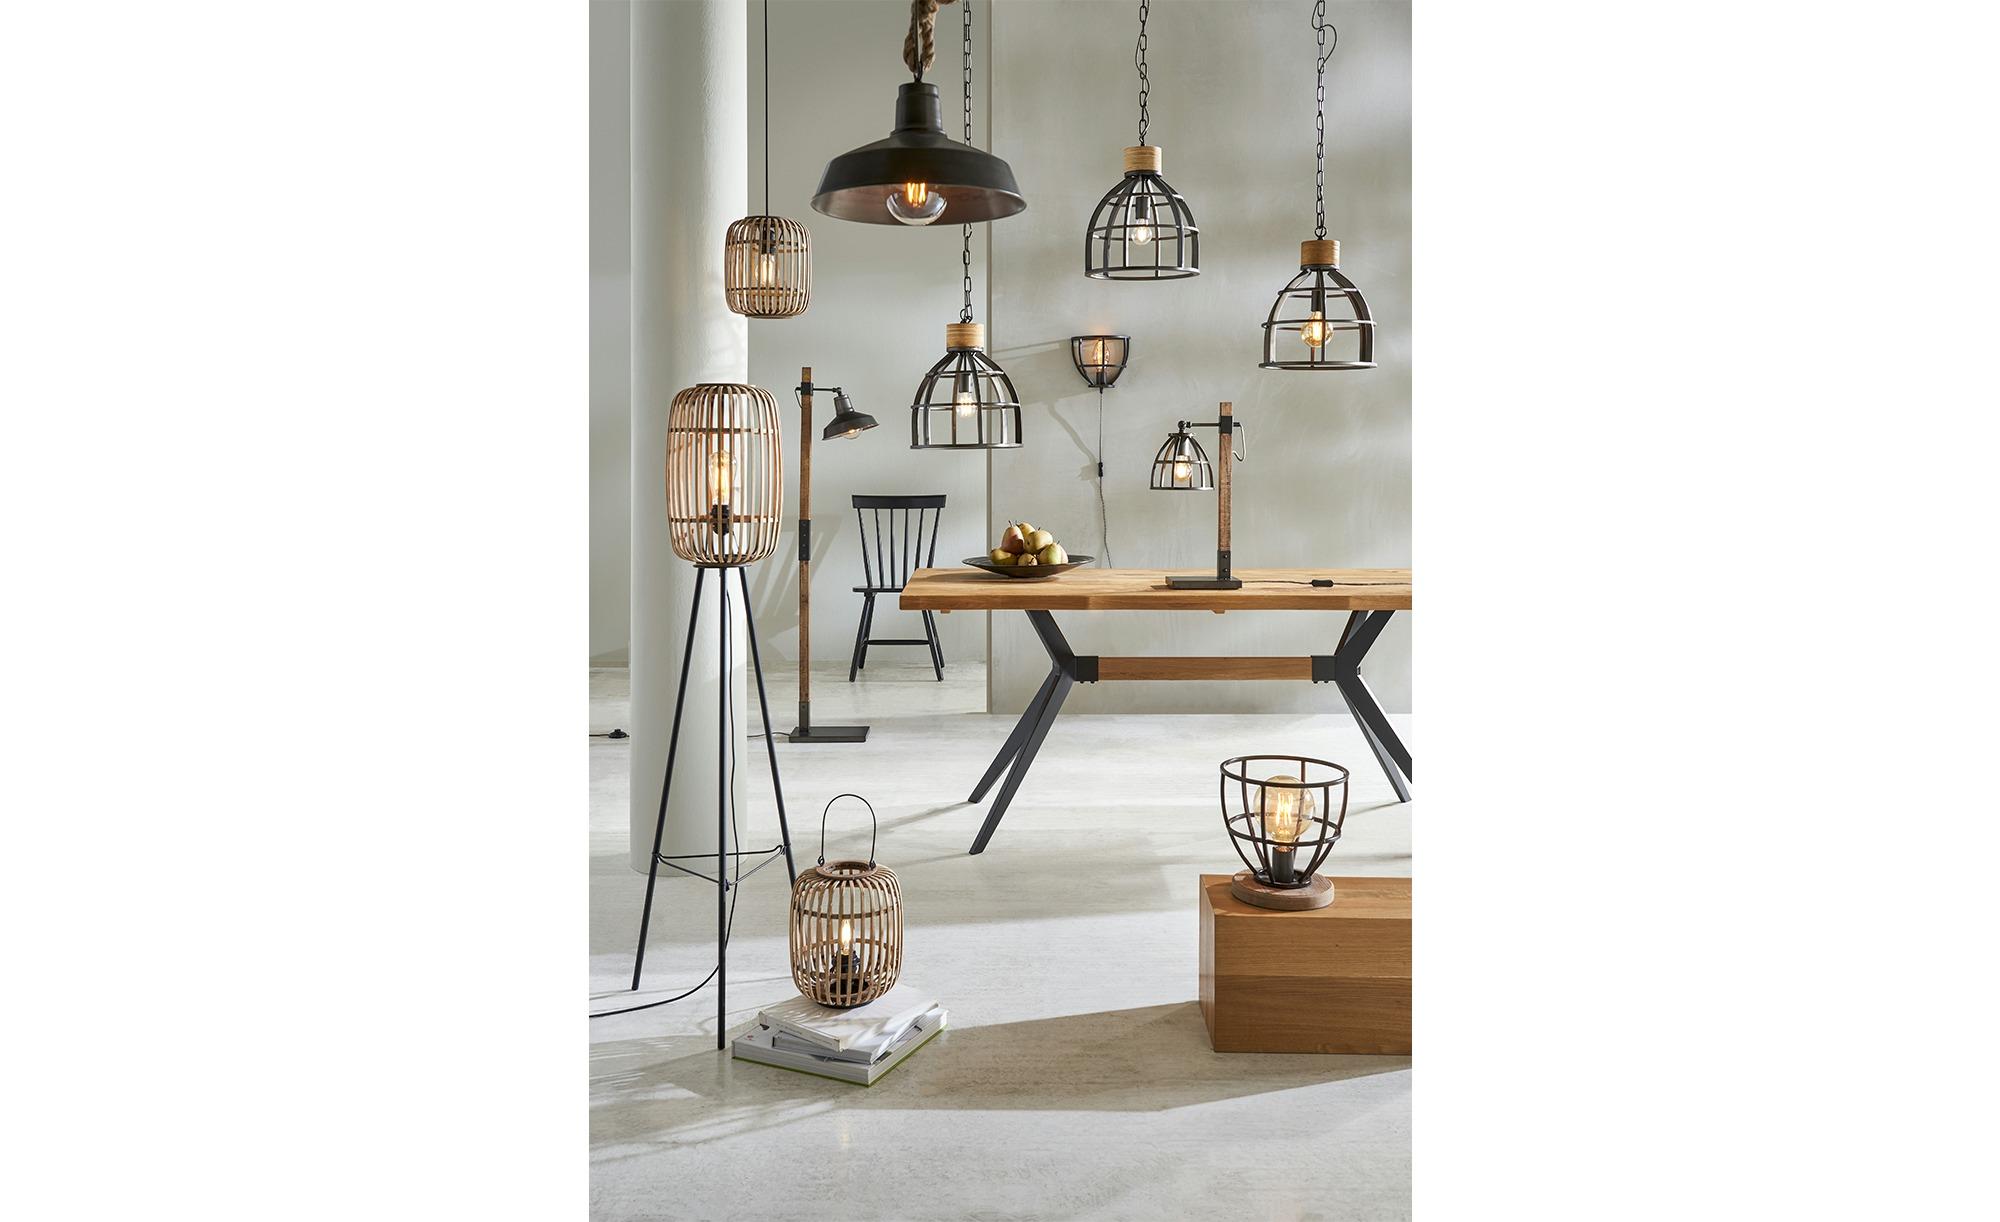 Tischleuchte, 1-flammig, Holz / Metall schwarz ¦ schwarz ¦ Maße (cm): H: 54 Ø: 17 Lampen & Leuchten > Innenleuchten > Tischlampen - Höffner